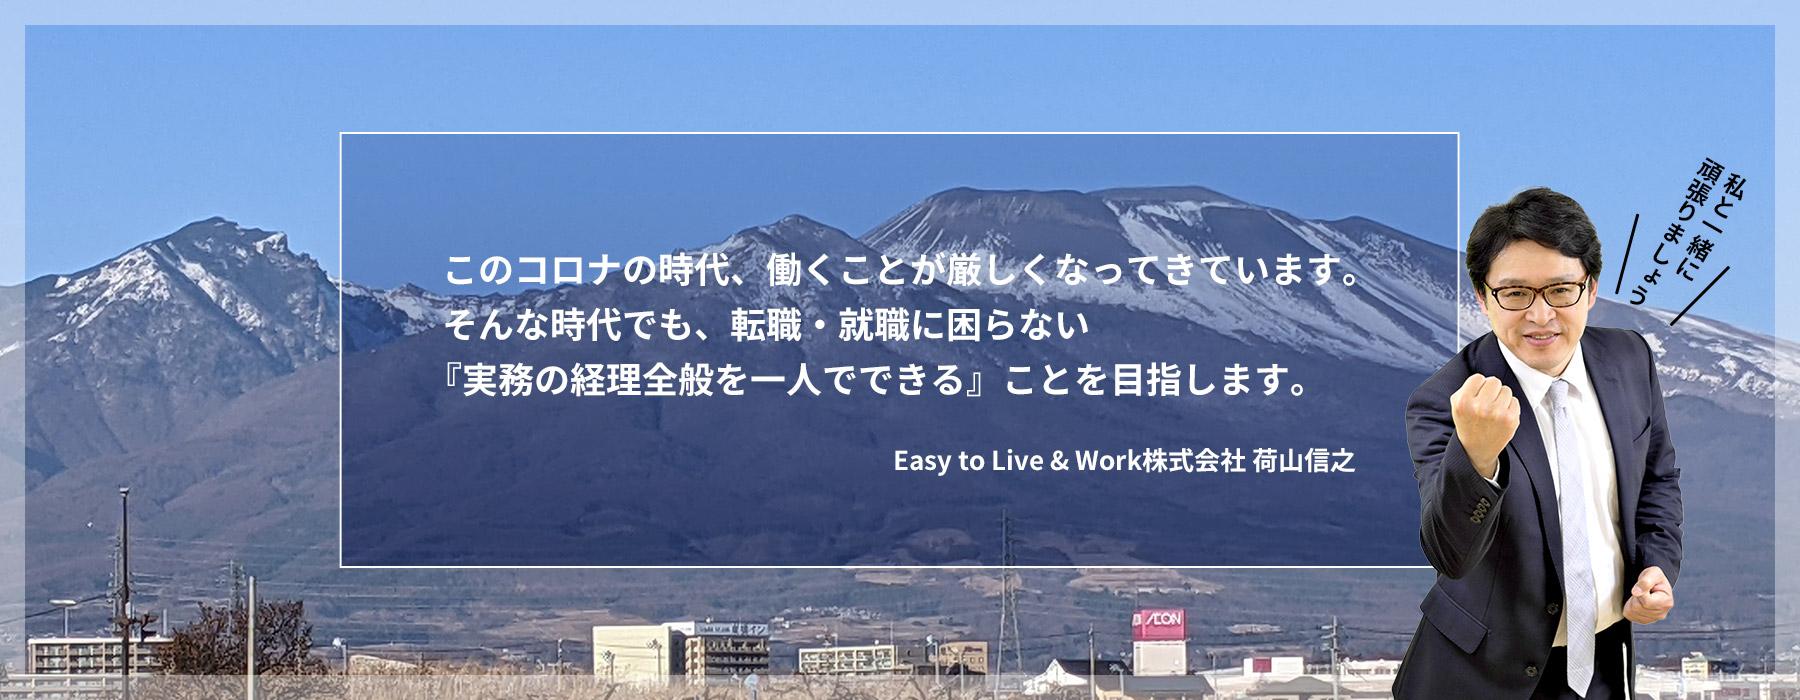 このコロナの時代、働くことが厳しくなってきています。そんな時代でも、転職・就職に困らない『実務の経理全般を一人でできる』ことを目指します。Easy to Live & Work株式会社 荷山信之